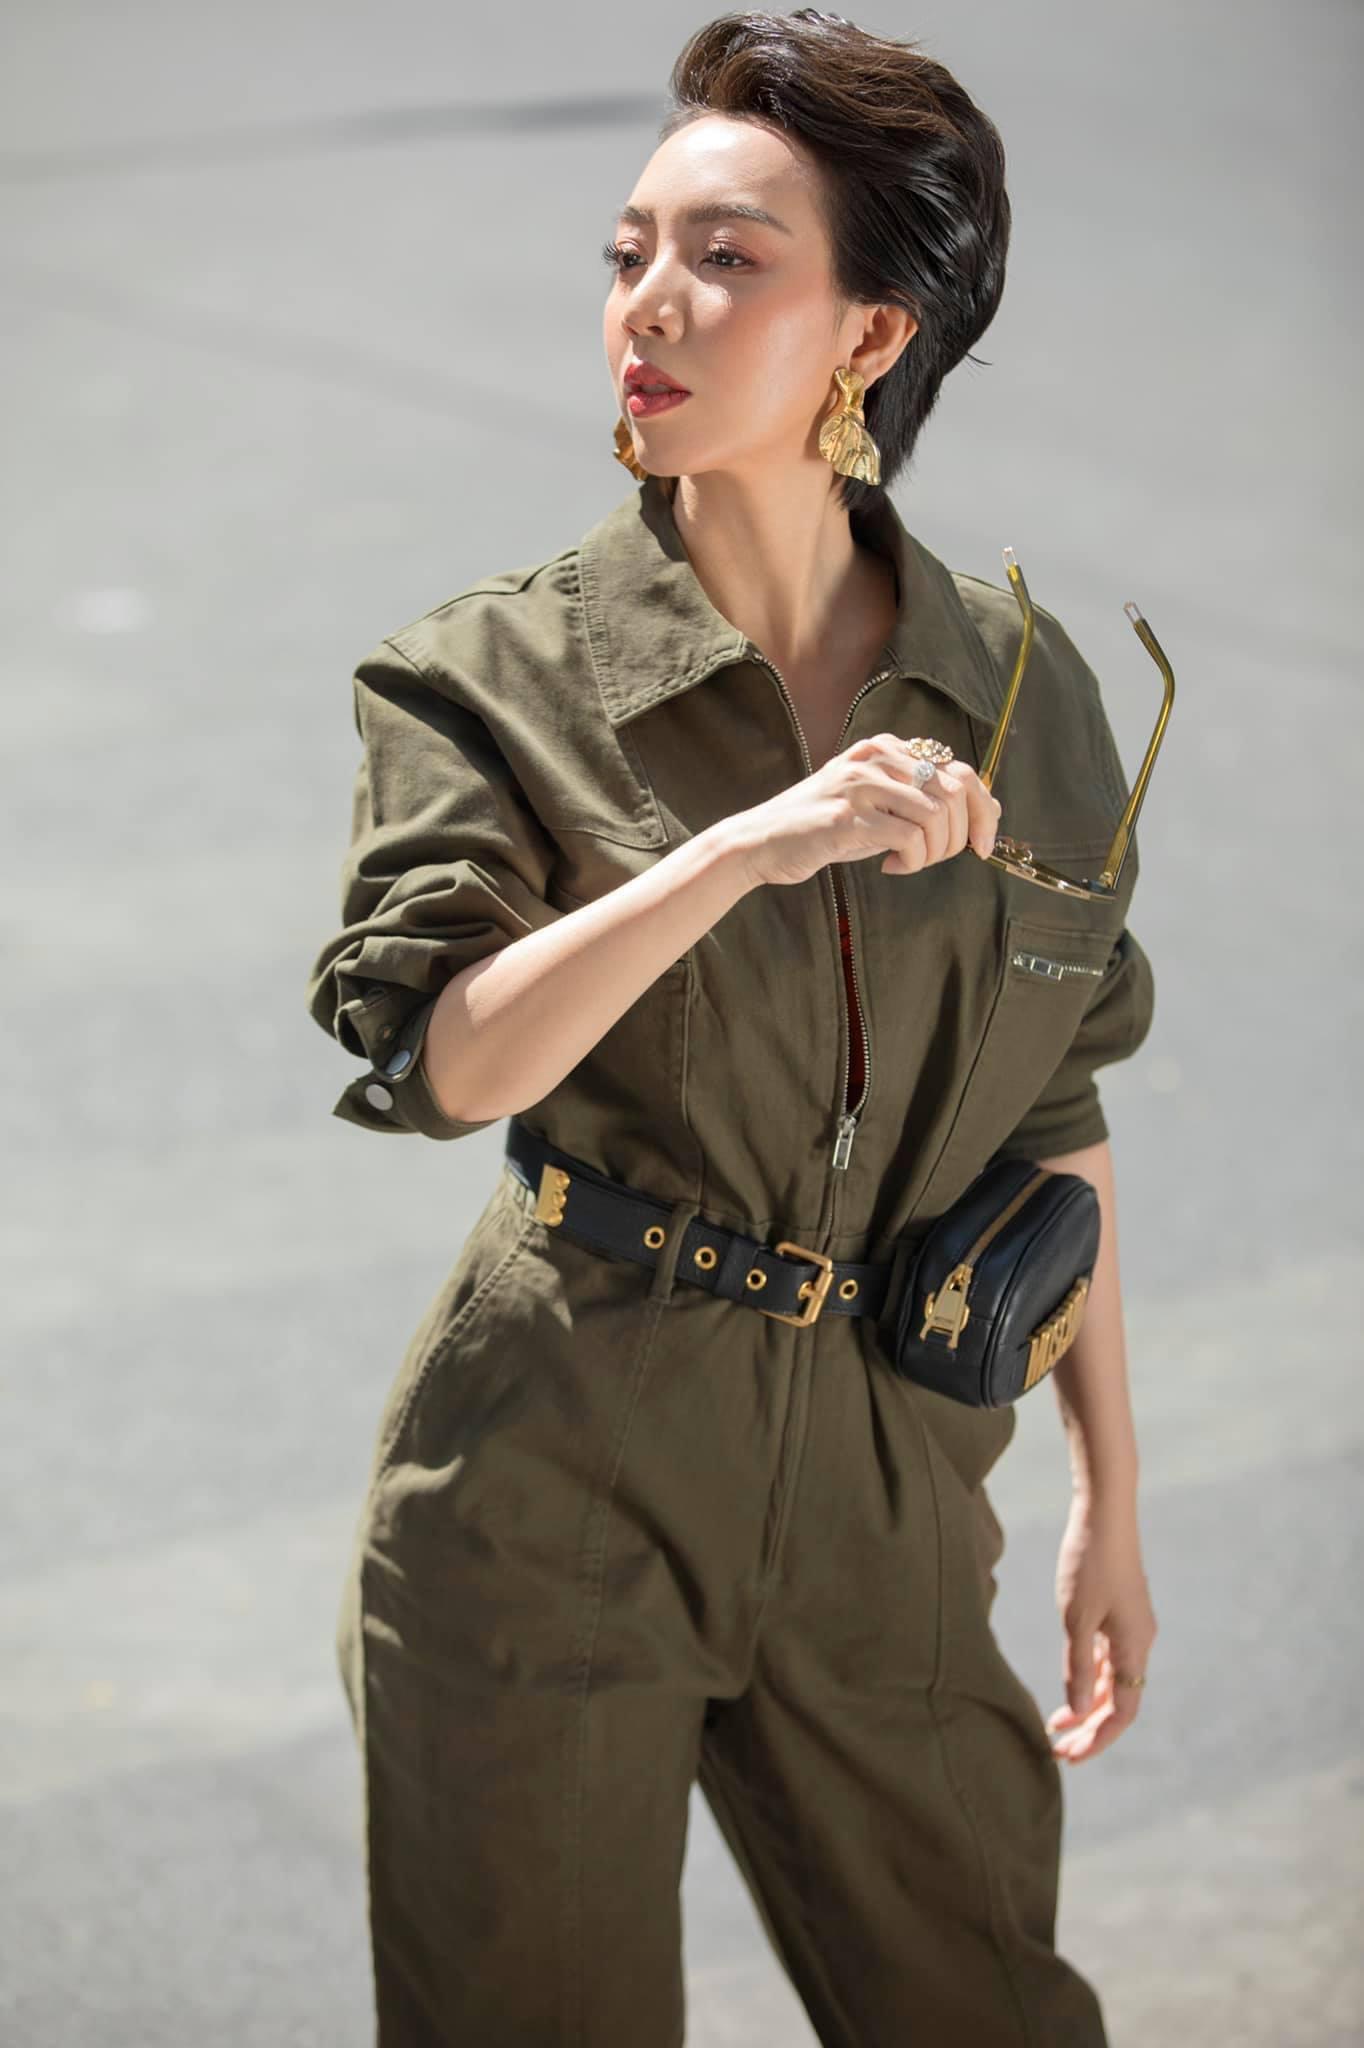 Thu Trang tiêm mỡ lên mặt, giờ trẻ đẹp đúng chuẩn Hoa hậu làng hài - 8